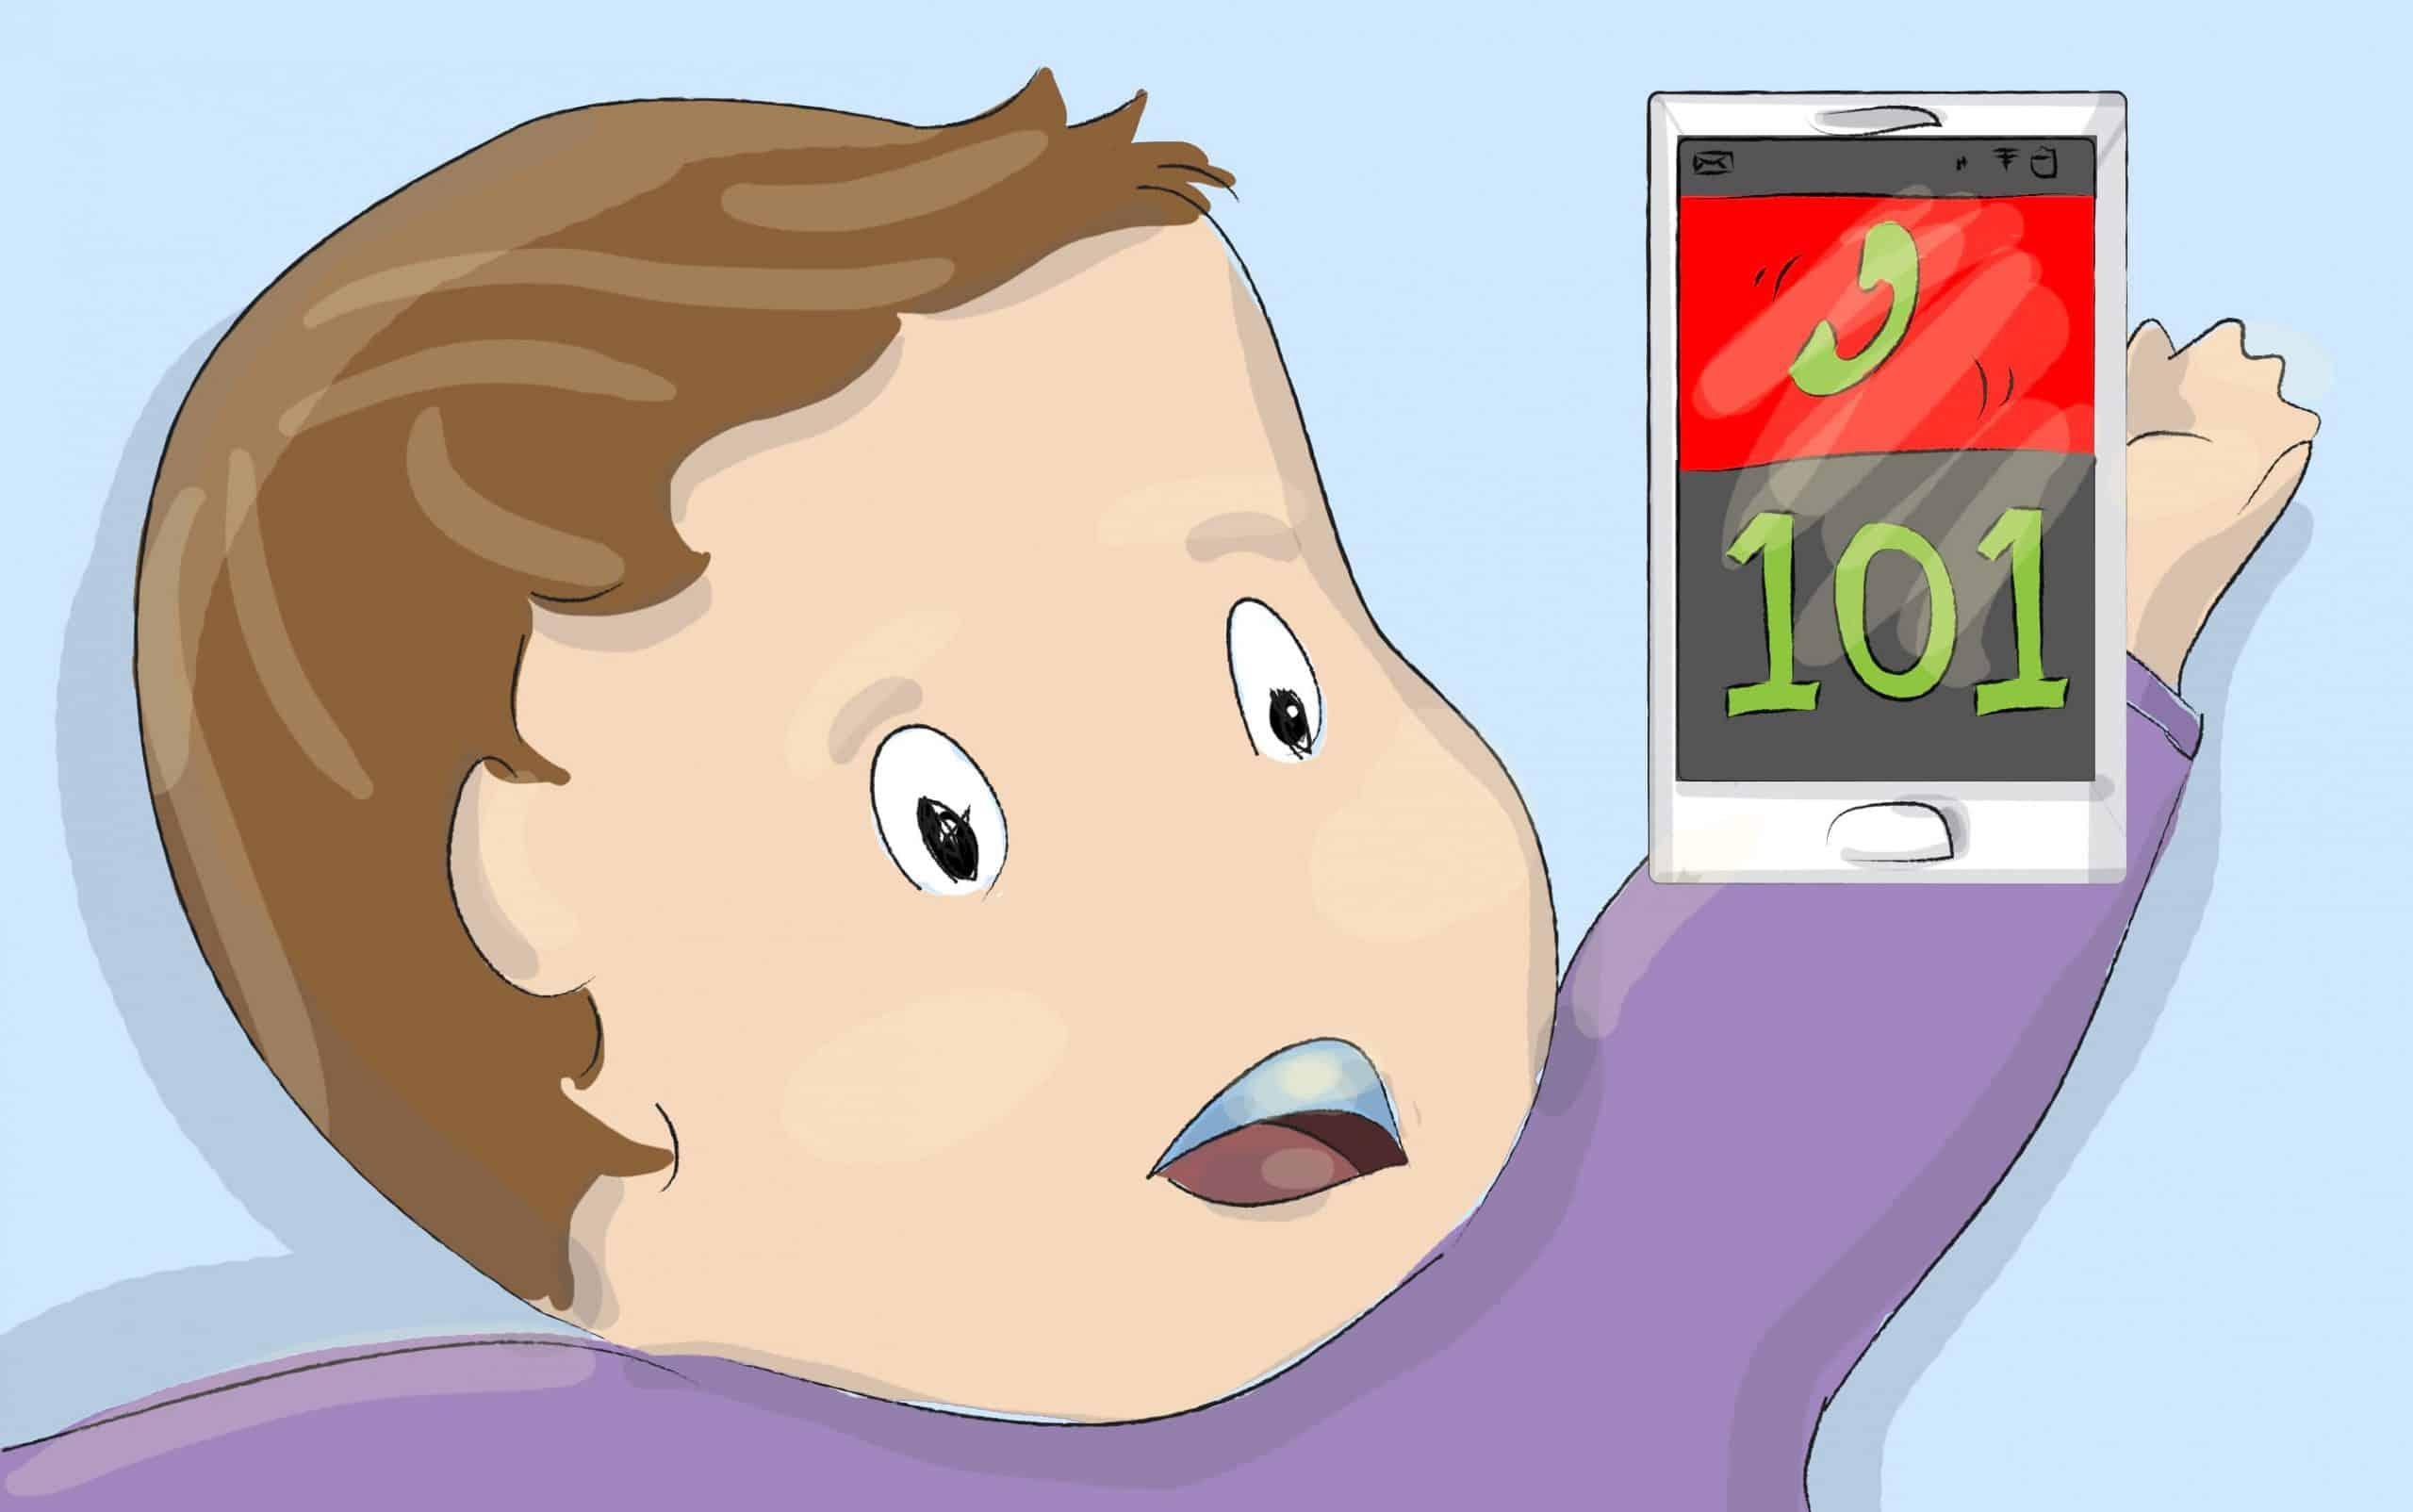 אם אתם חושבים שהתינוק נחנק, התקשרו מיד למד